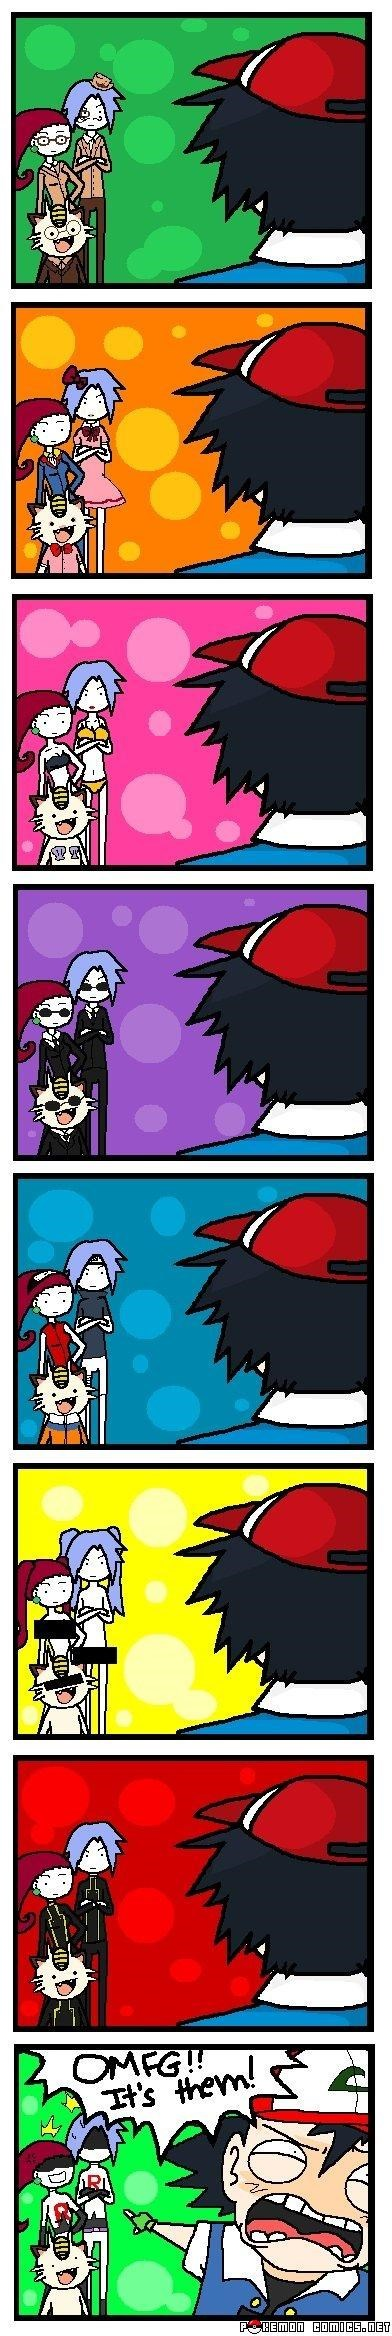 Oblivious Ash is Oblivious